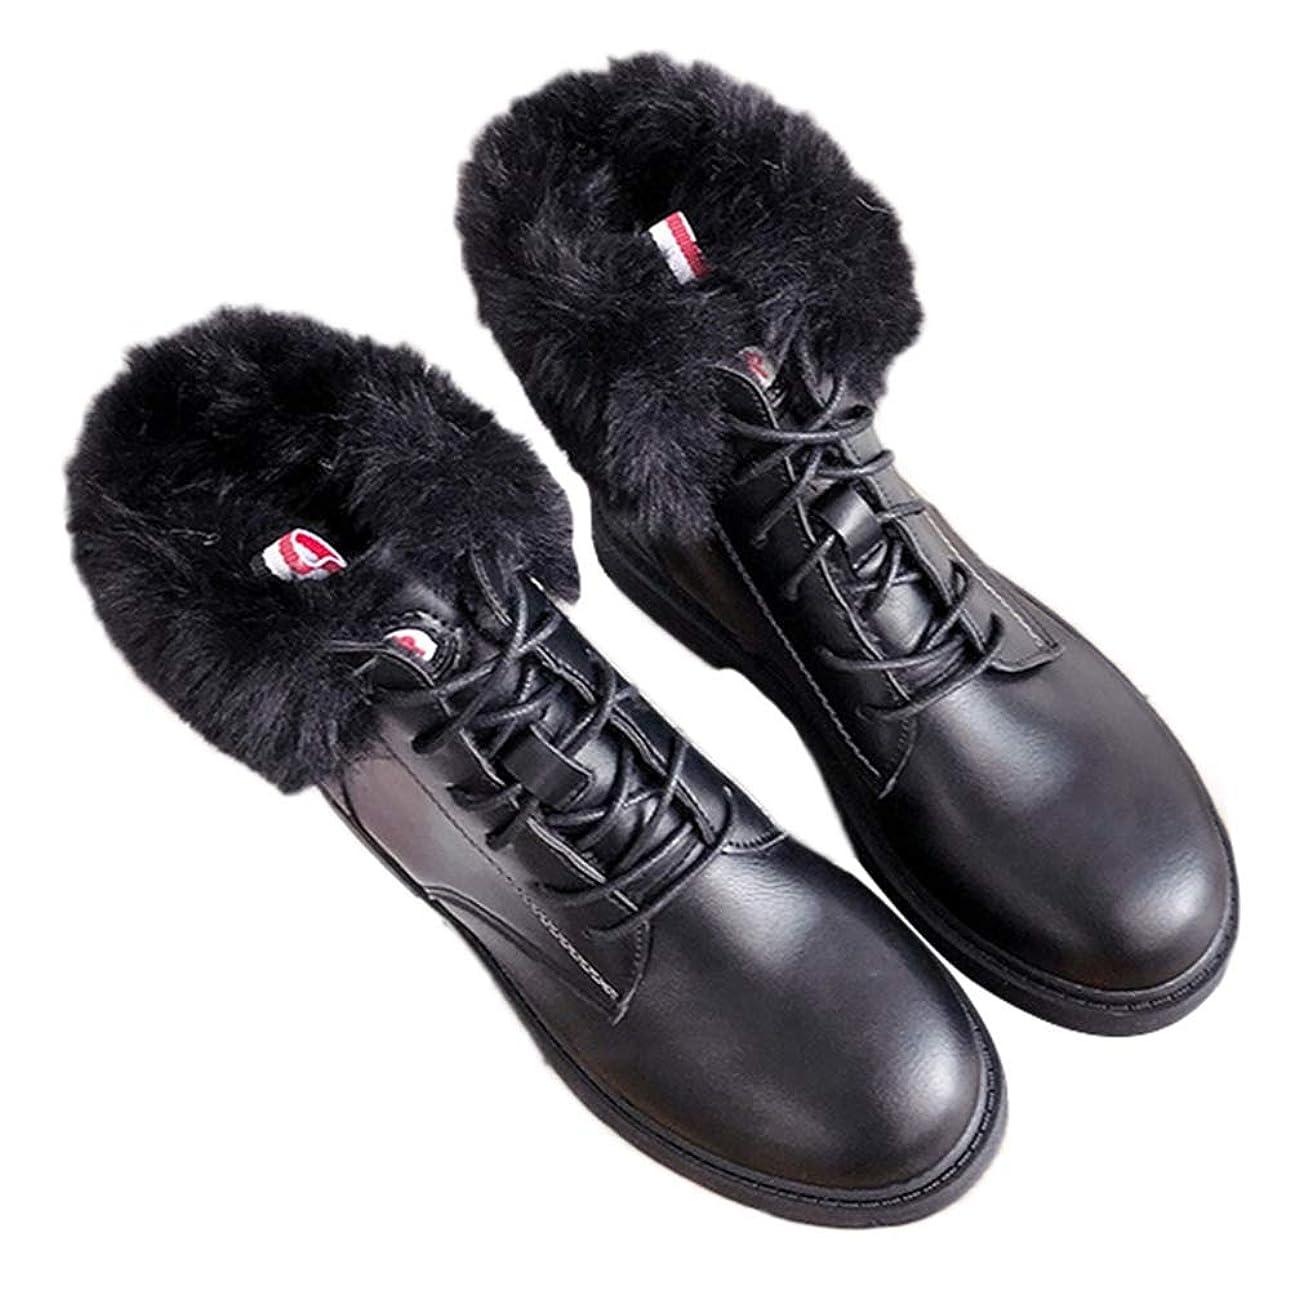 川石の嫌悪[モリケイ] ショートブーツ 編み上げブーツ レディース レザー ローヒール ボア付き ふわふわ もこもこ ラウンドトゥ スムース ウィンターブーツ 靴 冬 暖かい 撥水